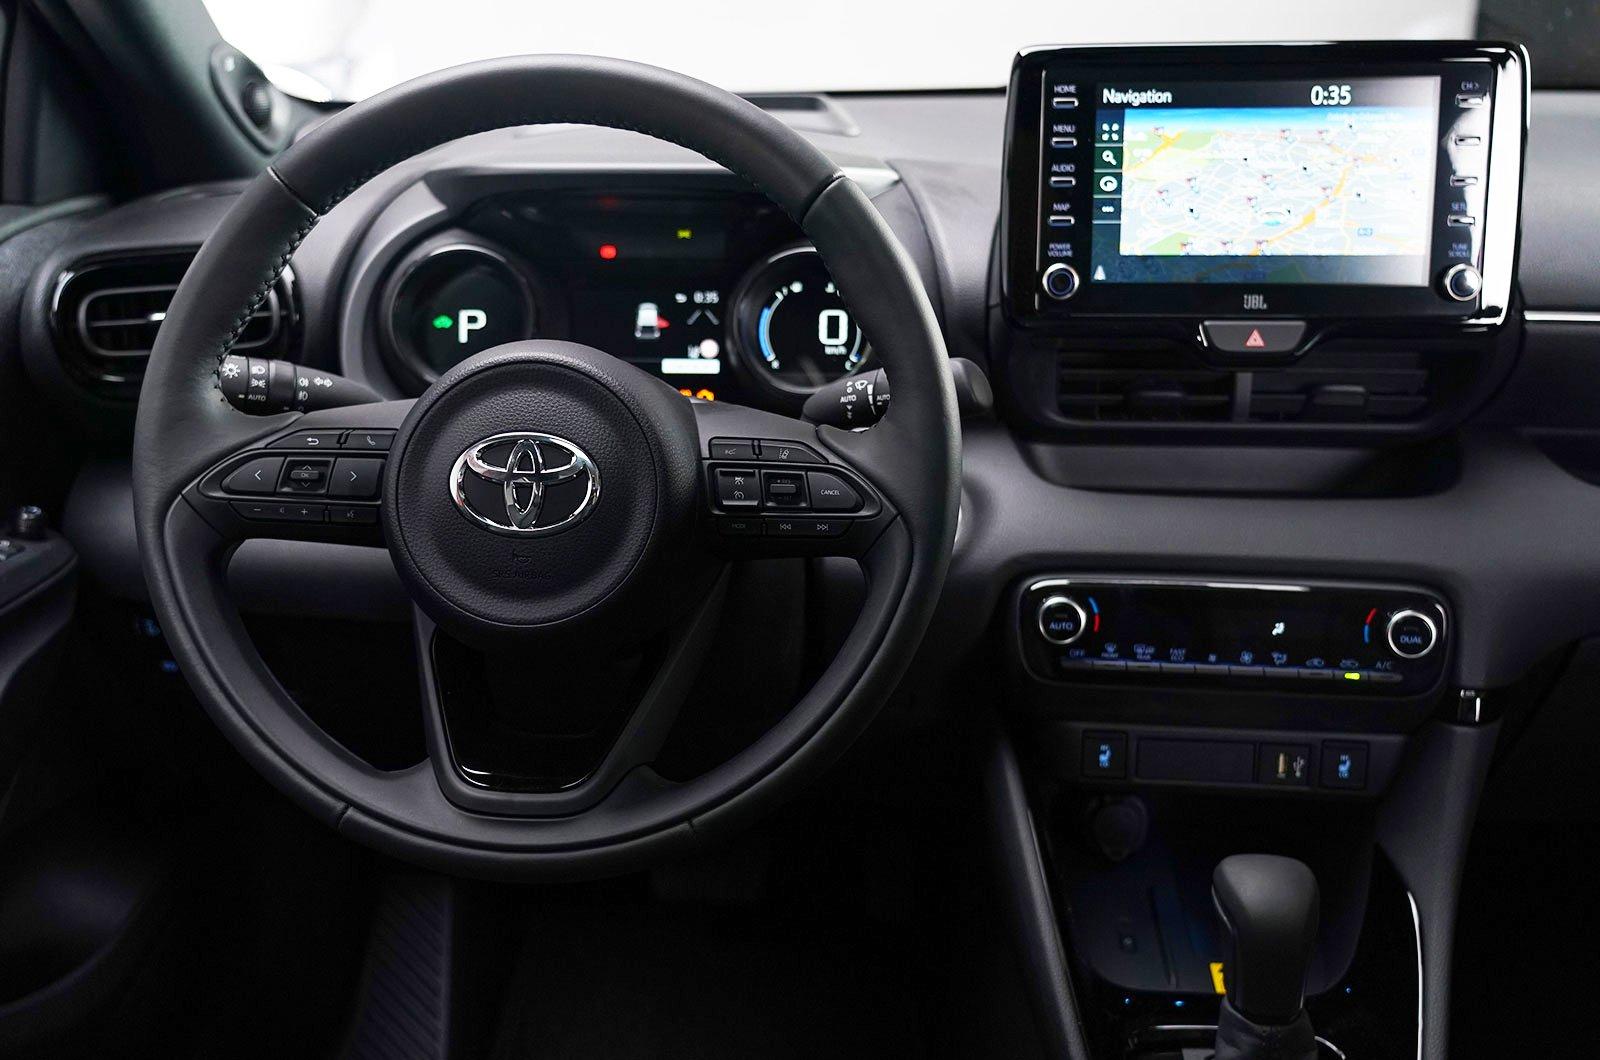 2020 Toyota Yaris dashboard